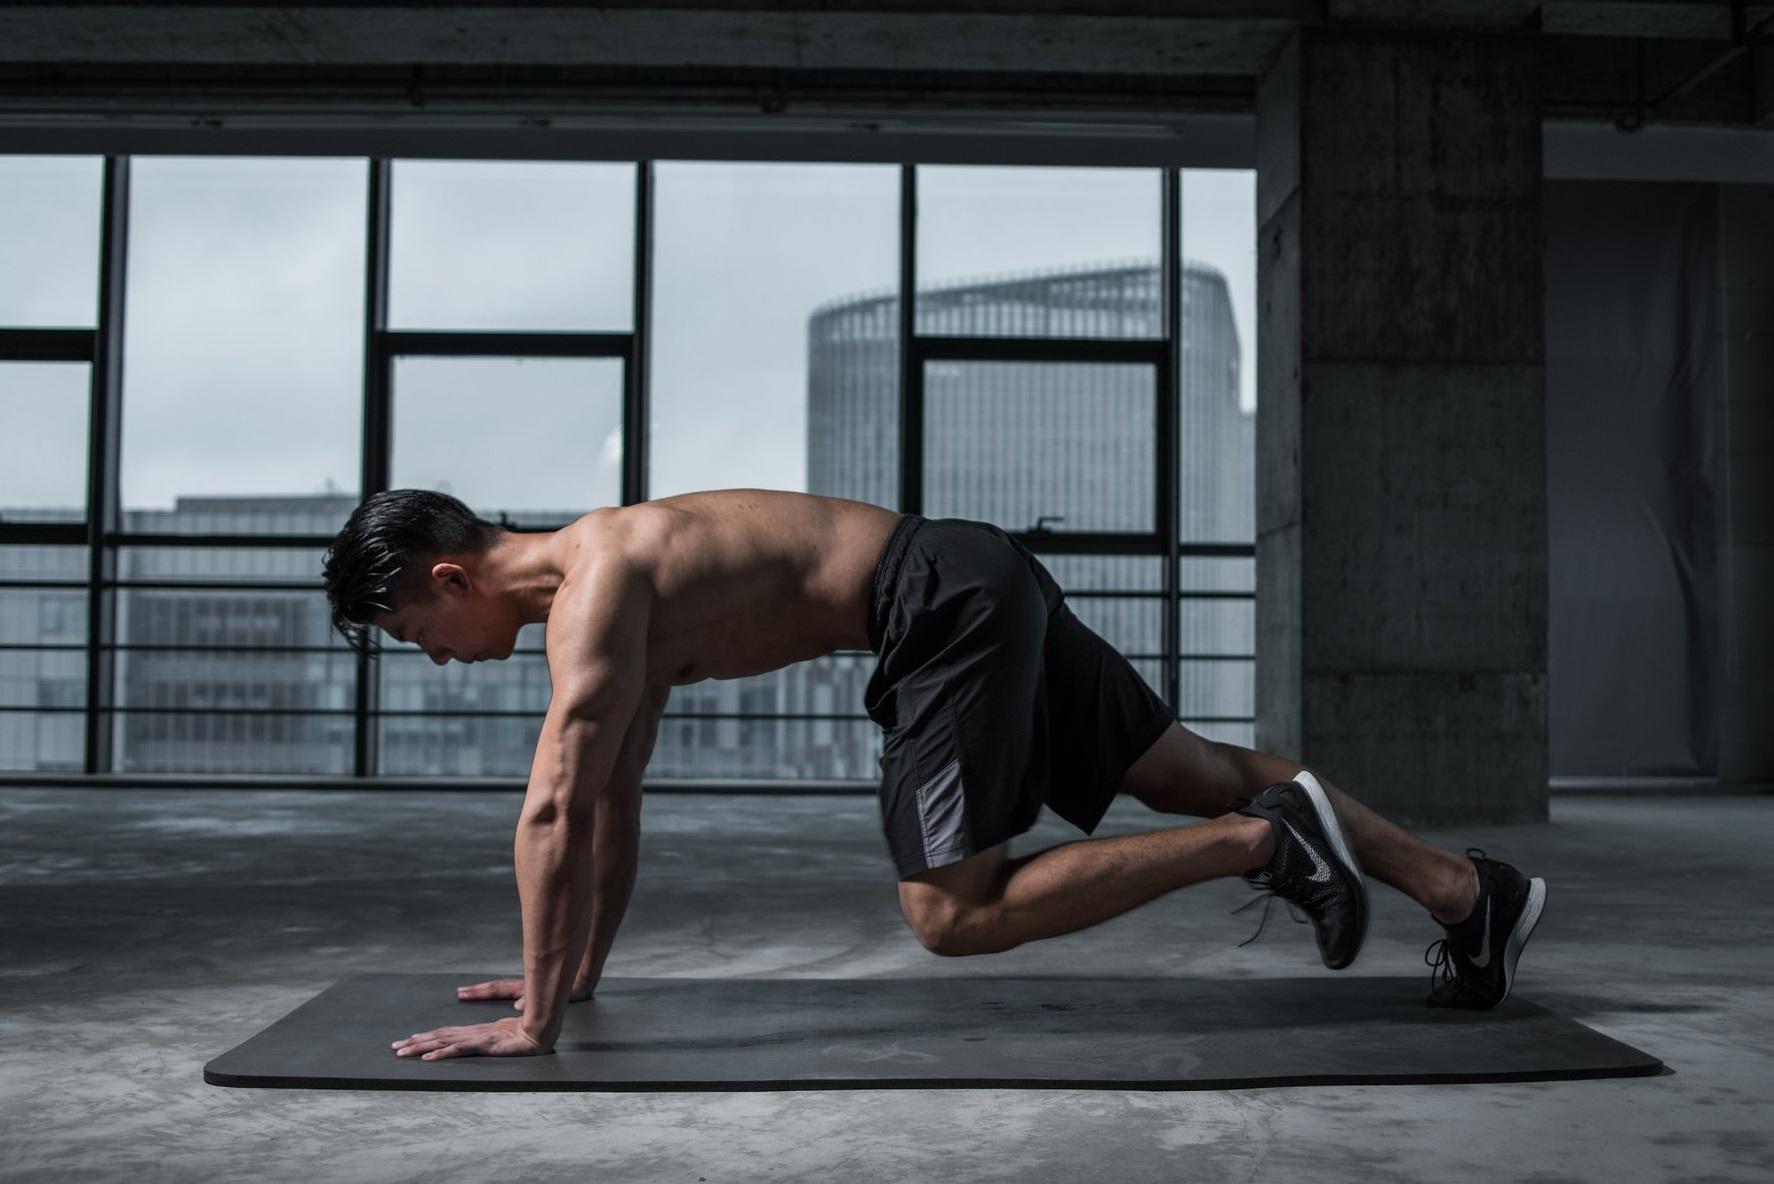 bodybuilding-exercise-fitness-2294361.jpg